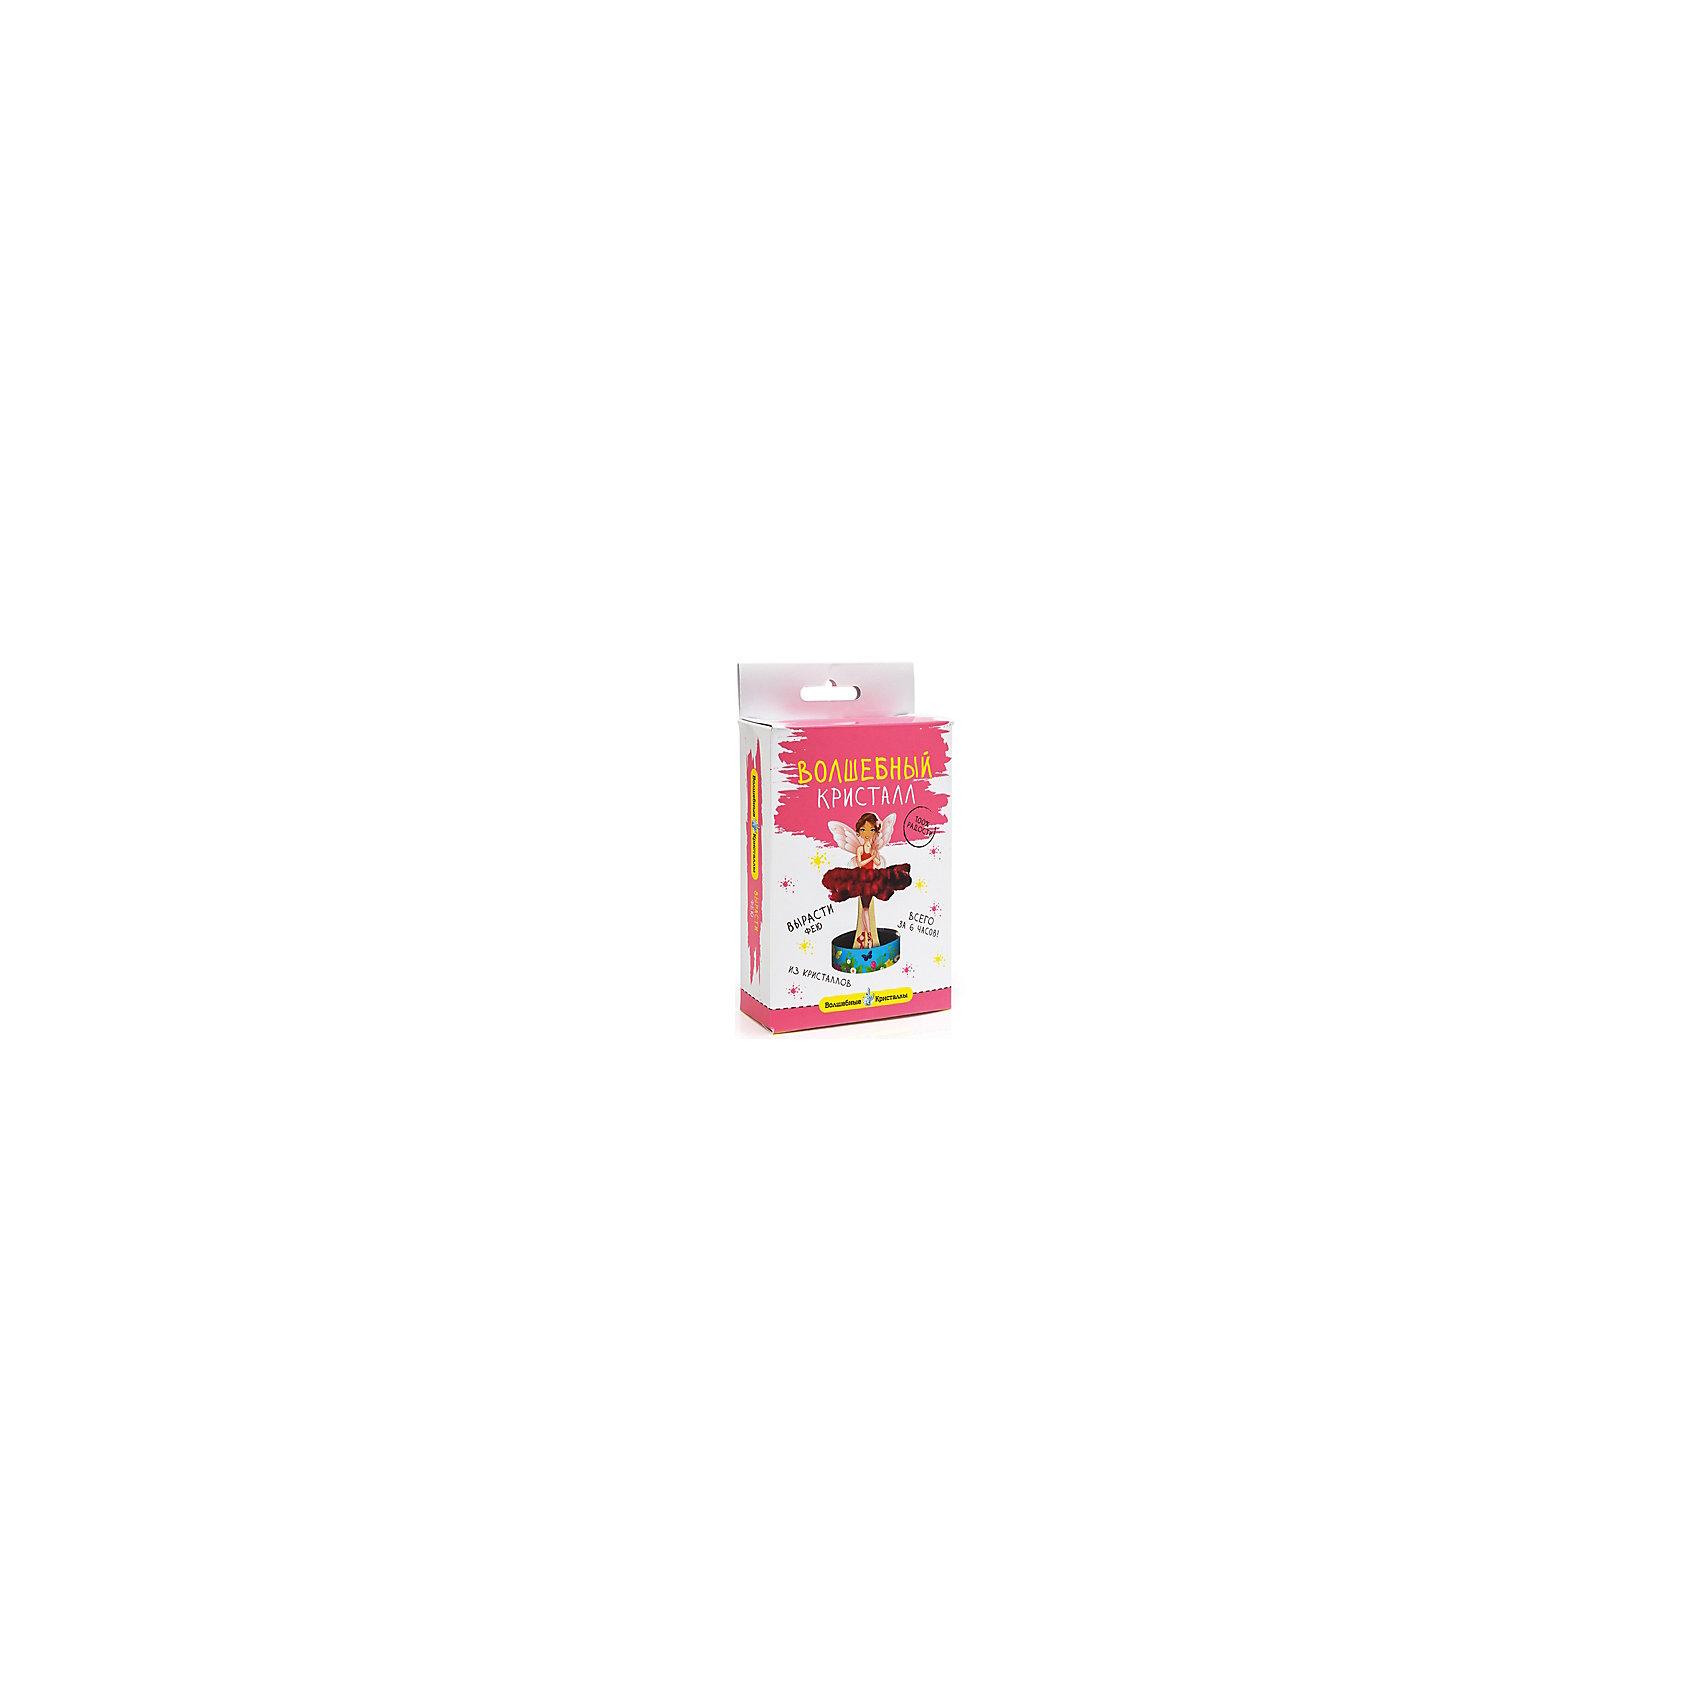 Бумбарам Набор для экспериментов Волшебные кристаллы - Фея в розовом Бумбарам cornwell b sword song tie in saxon tales